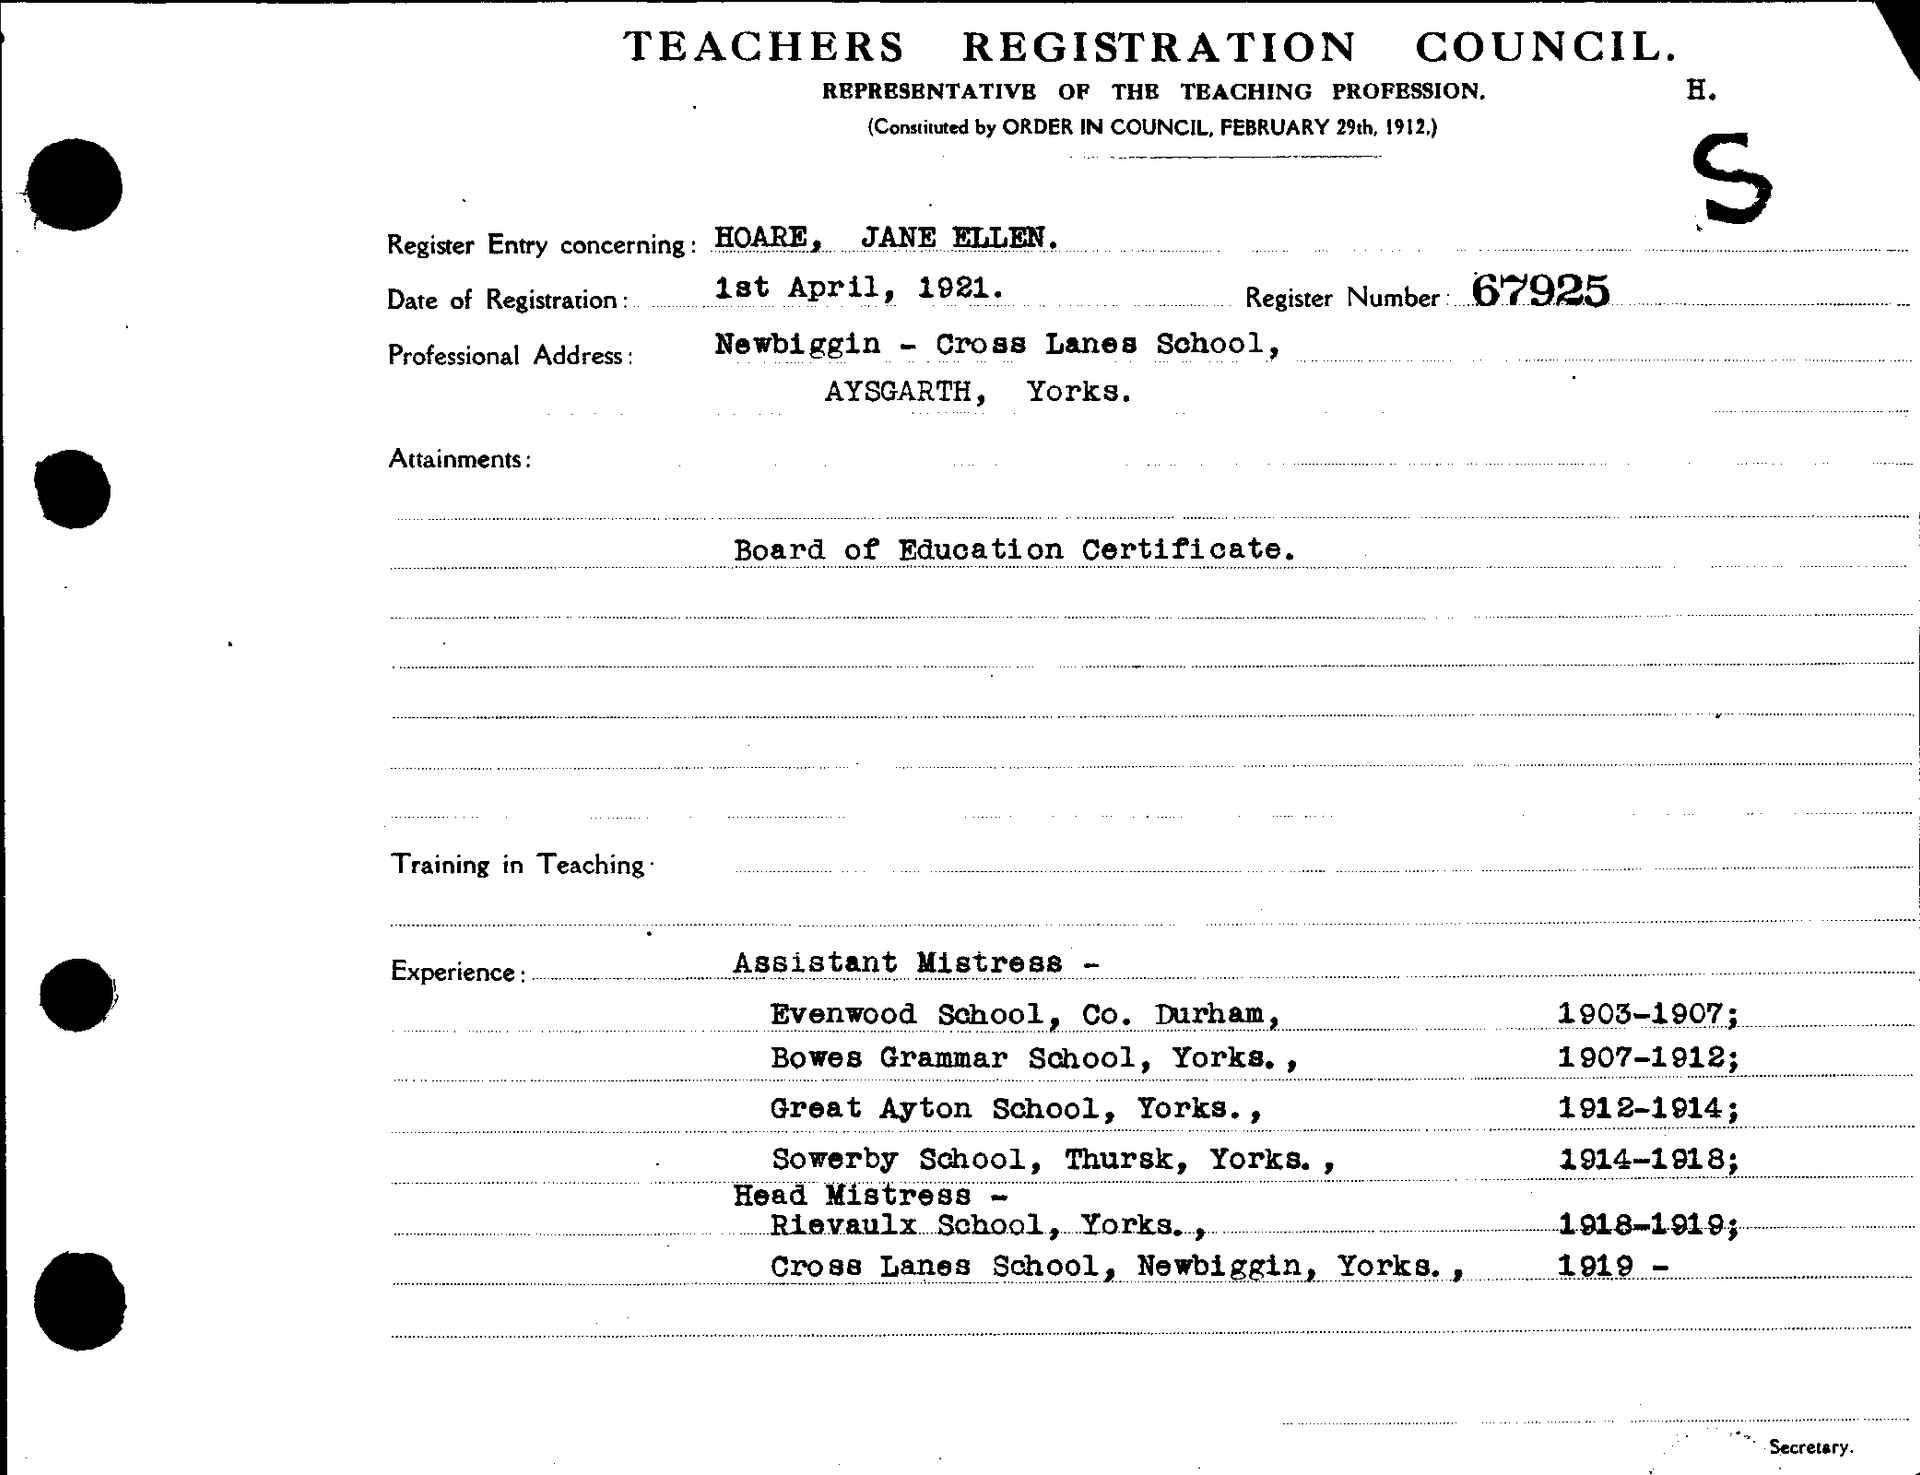 Jane Ellen Hoare - Teaching Certificate